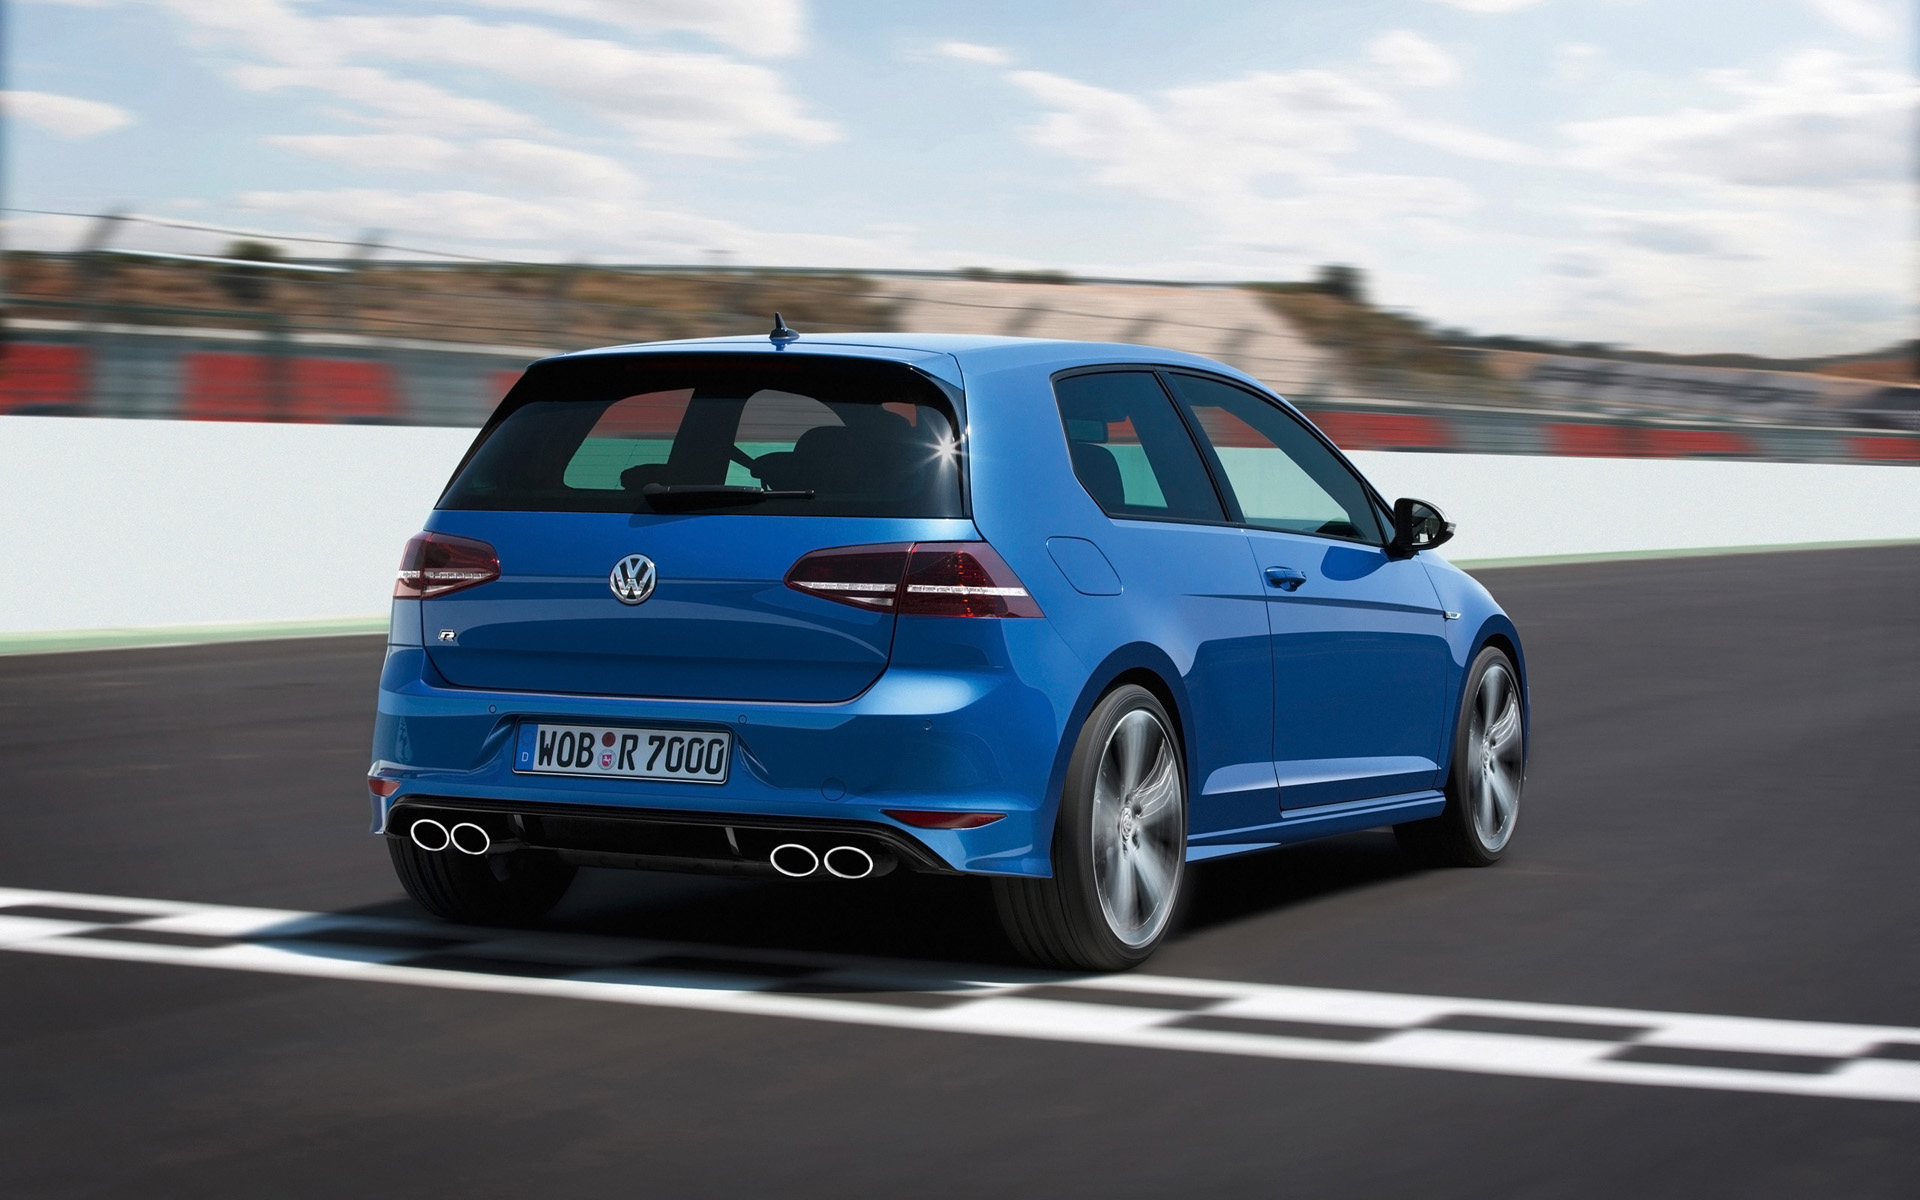 Volkswagen Golf R Wallpaper 2014 Heckansicht Auspuff Auto Tuning 1920x1200